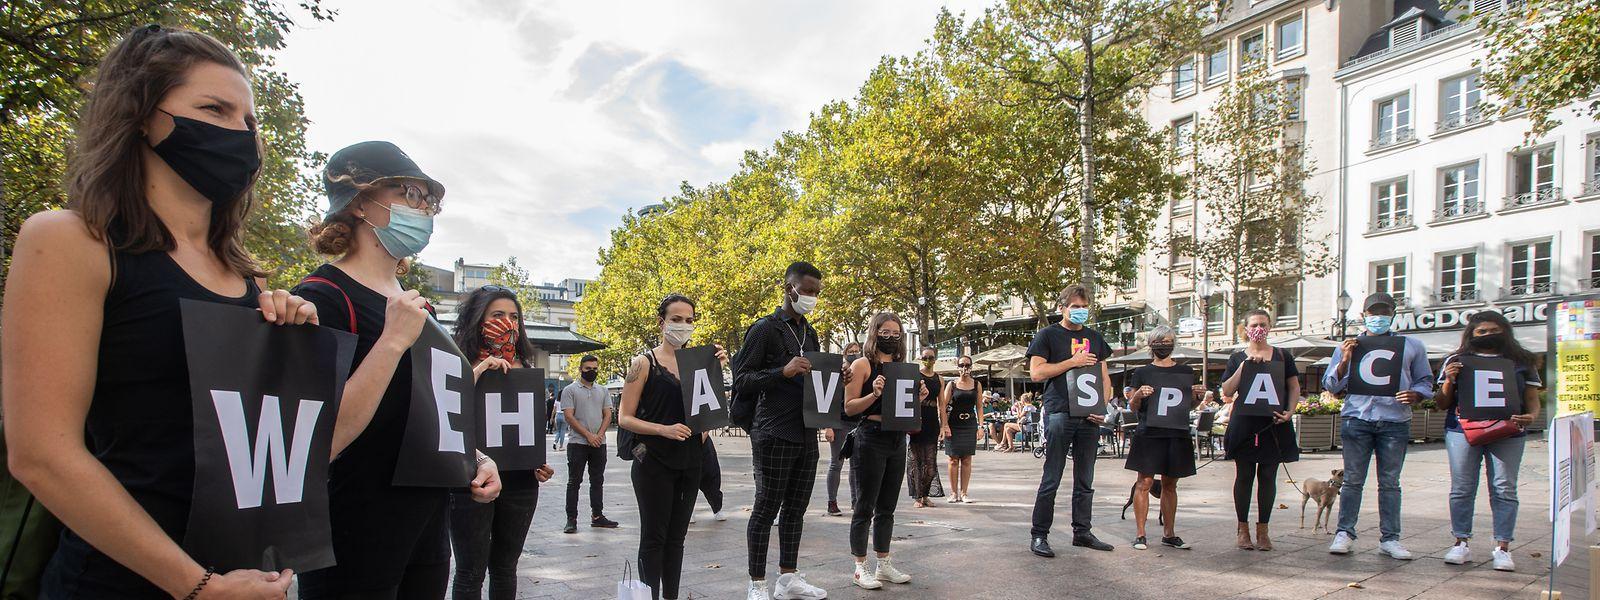 """""""Europe Must Act"""": Unter dem Motto haben Demonstranten am Sonntag die Evakuierung von Flüchtlingen auf den griechischen Inseln gefordert."""